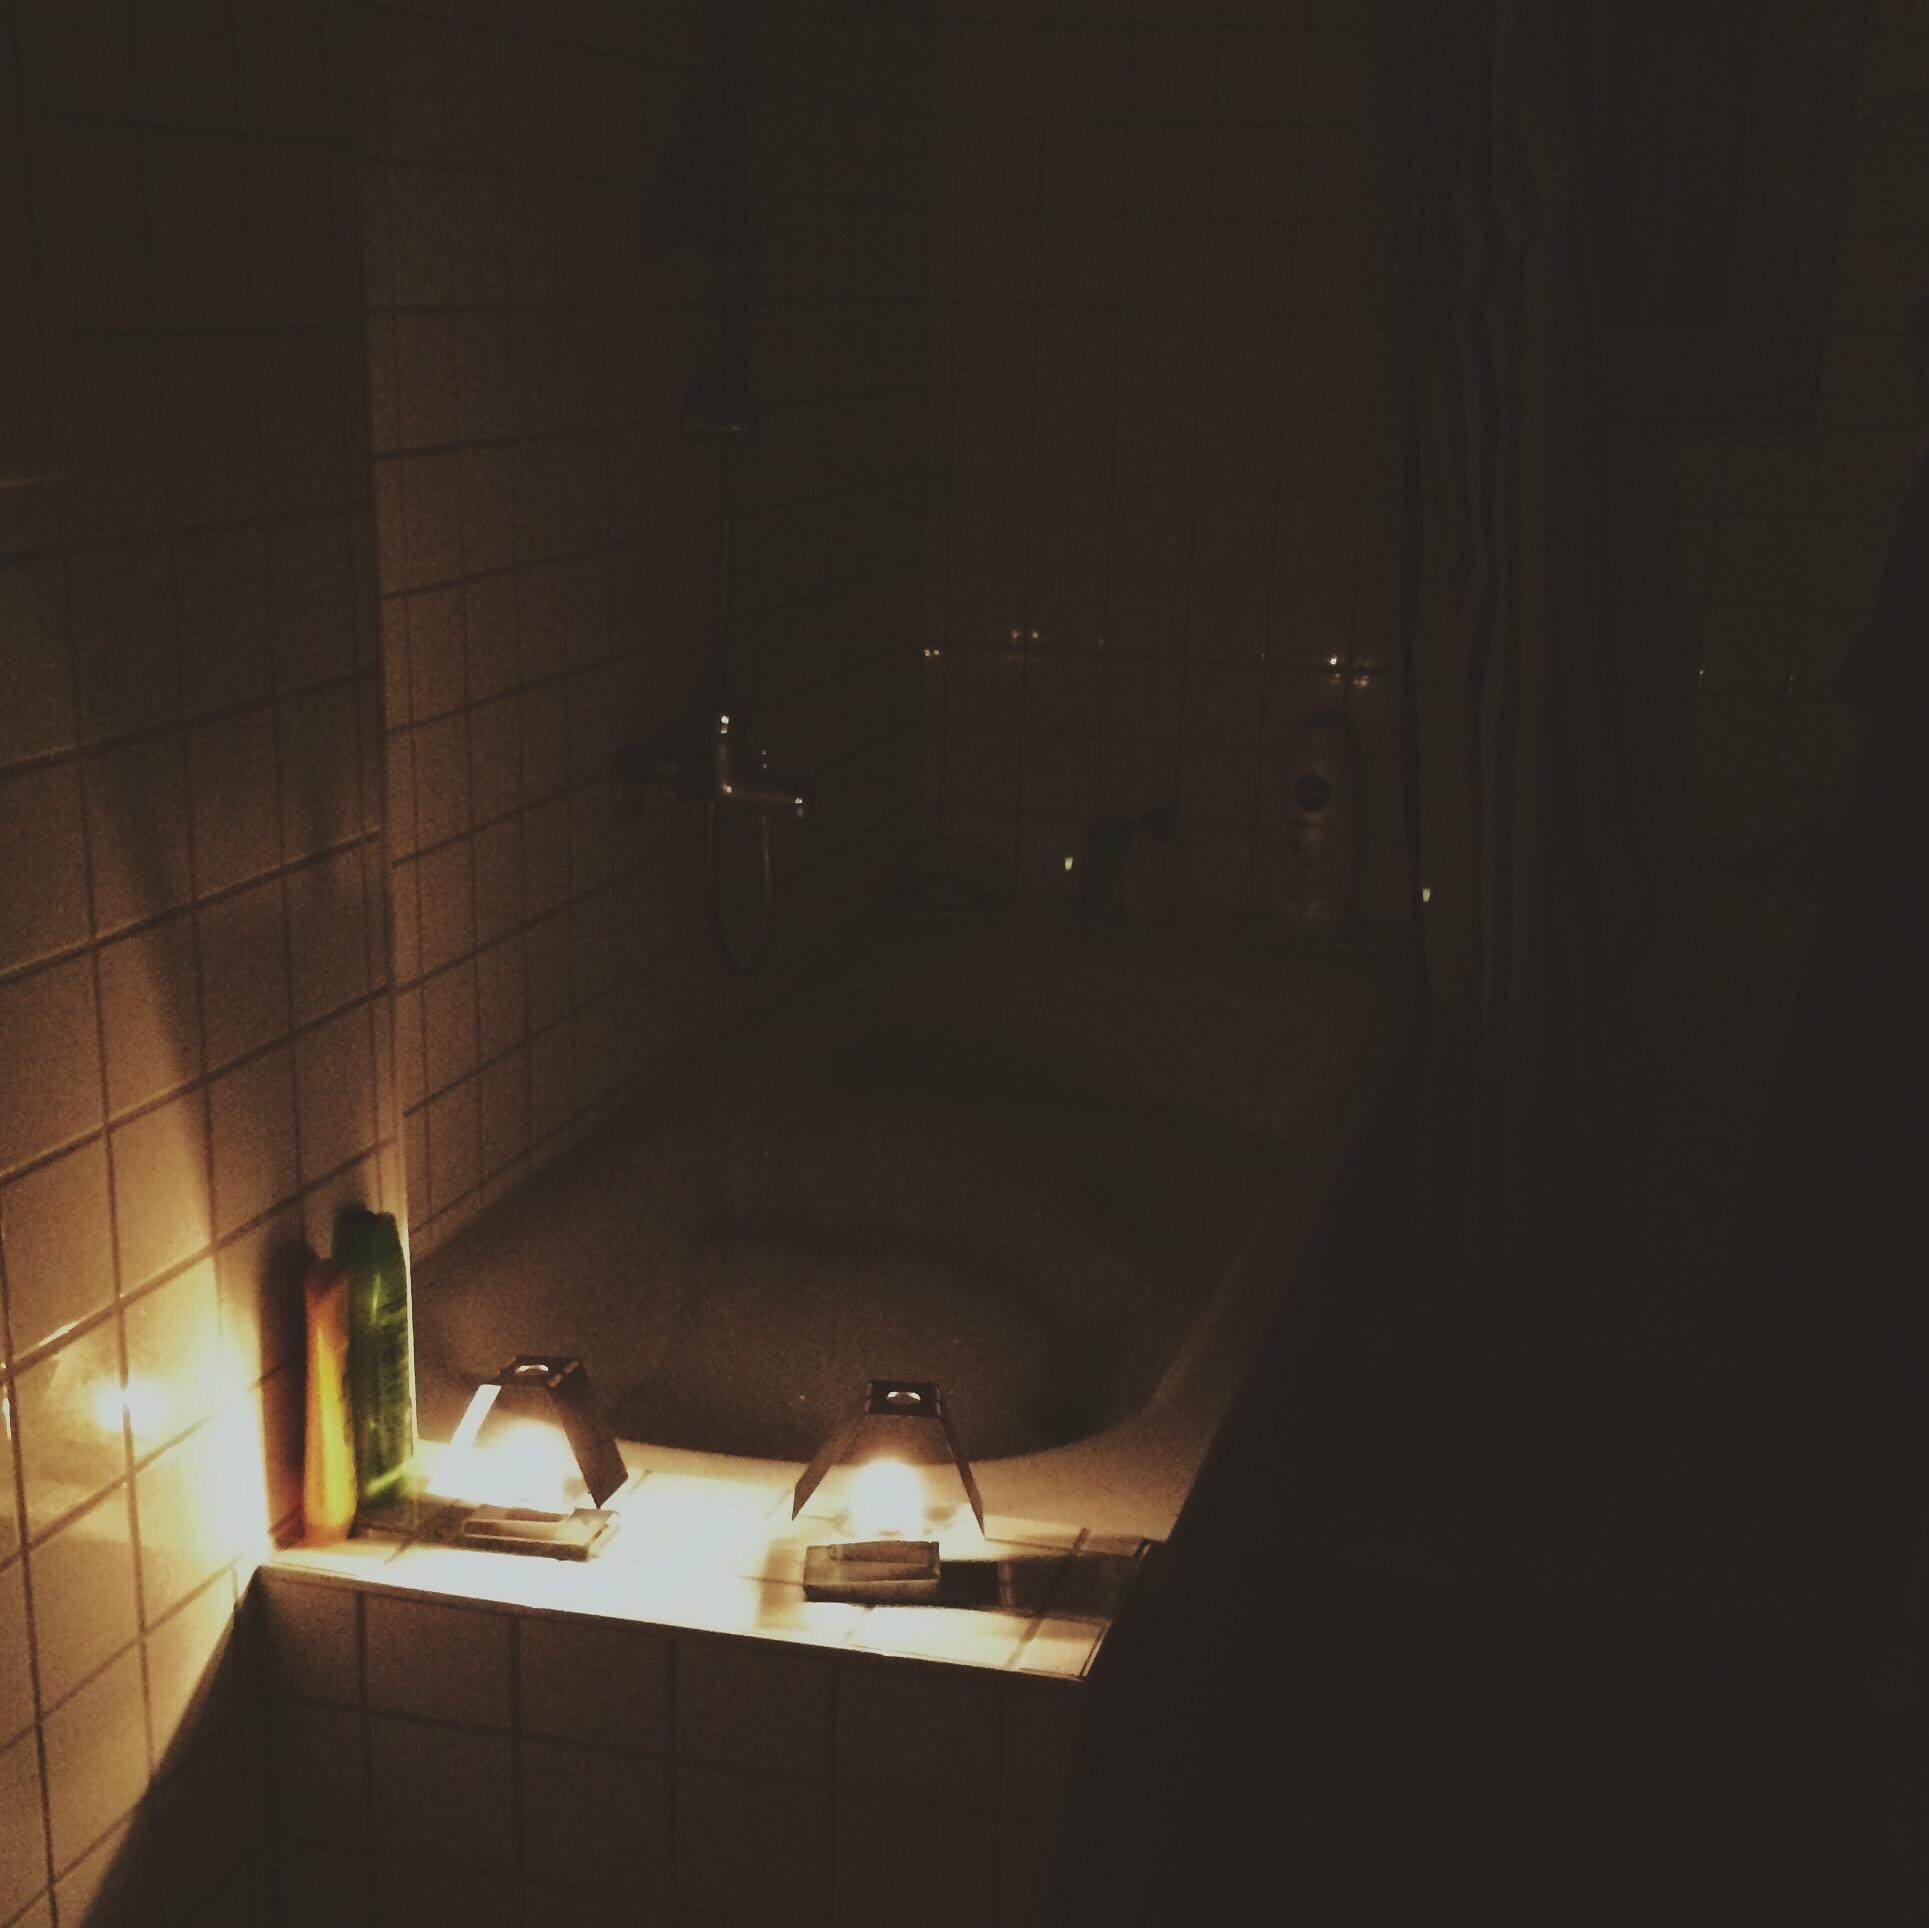 Foto Vasca Da Bagno Con Candele.The Perfect Night In The Recipe From Bari With Love